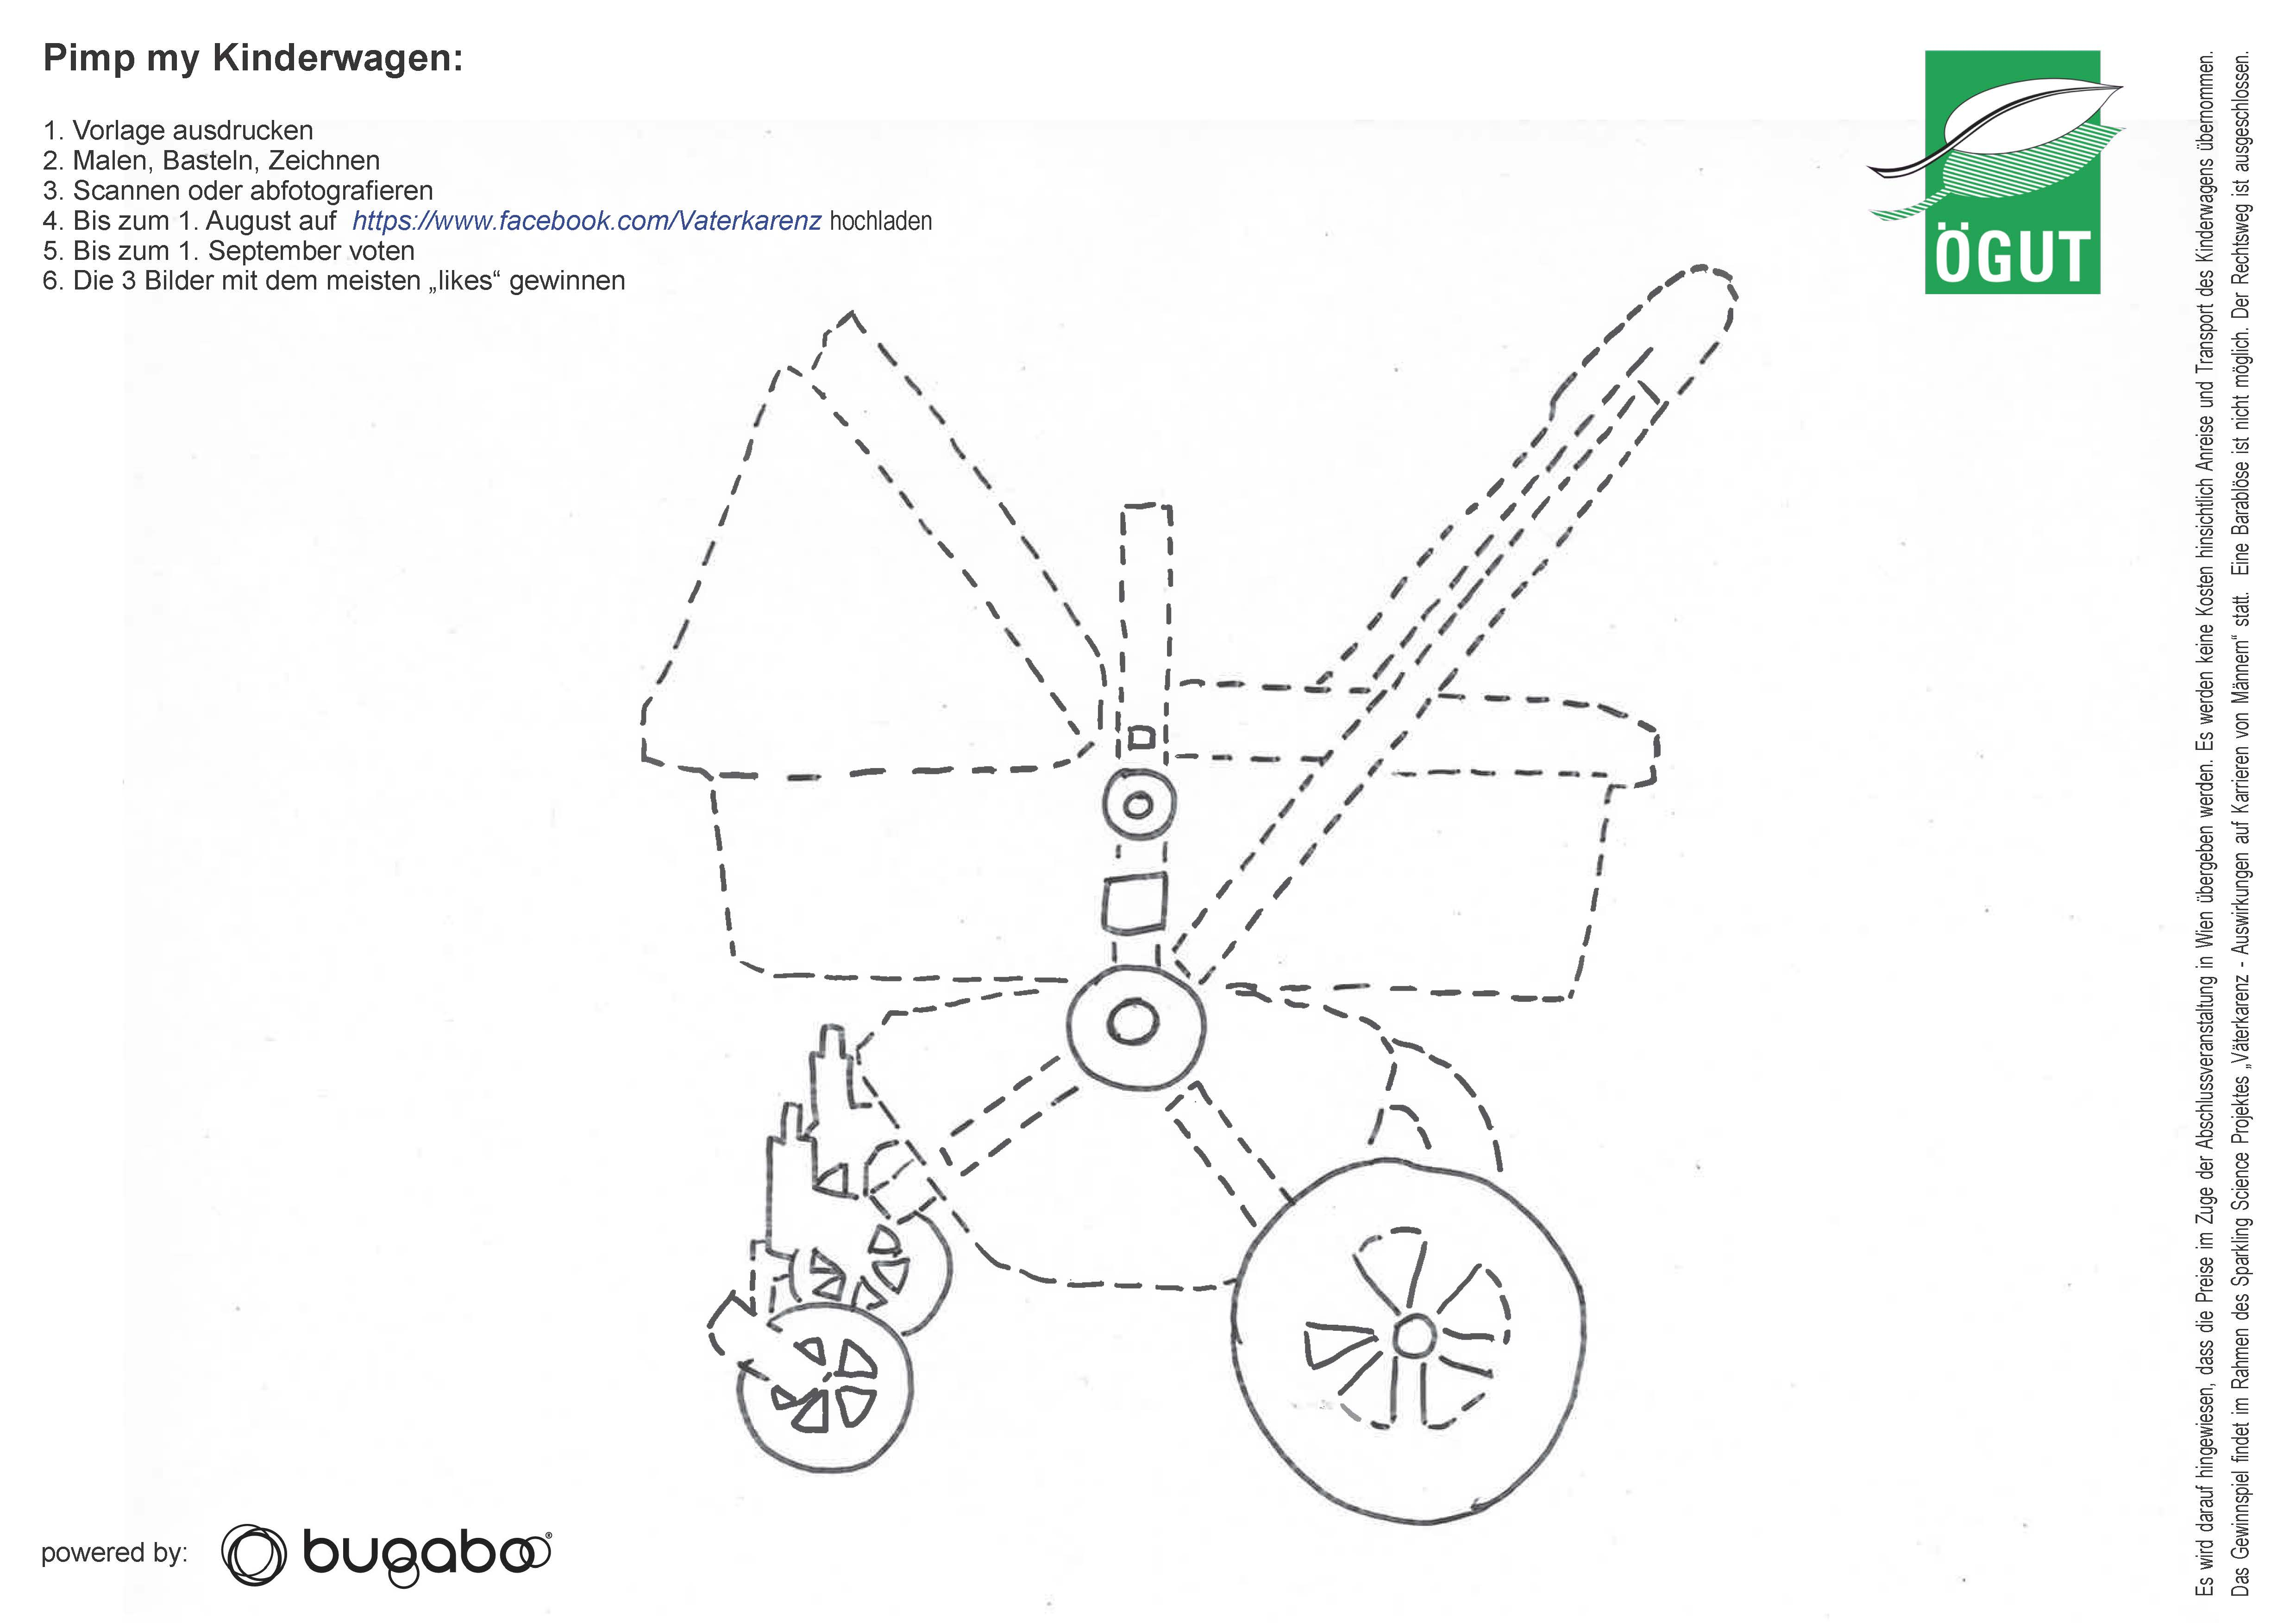 Kinderwagenvorlage Bugaboo gewinnen